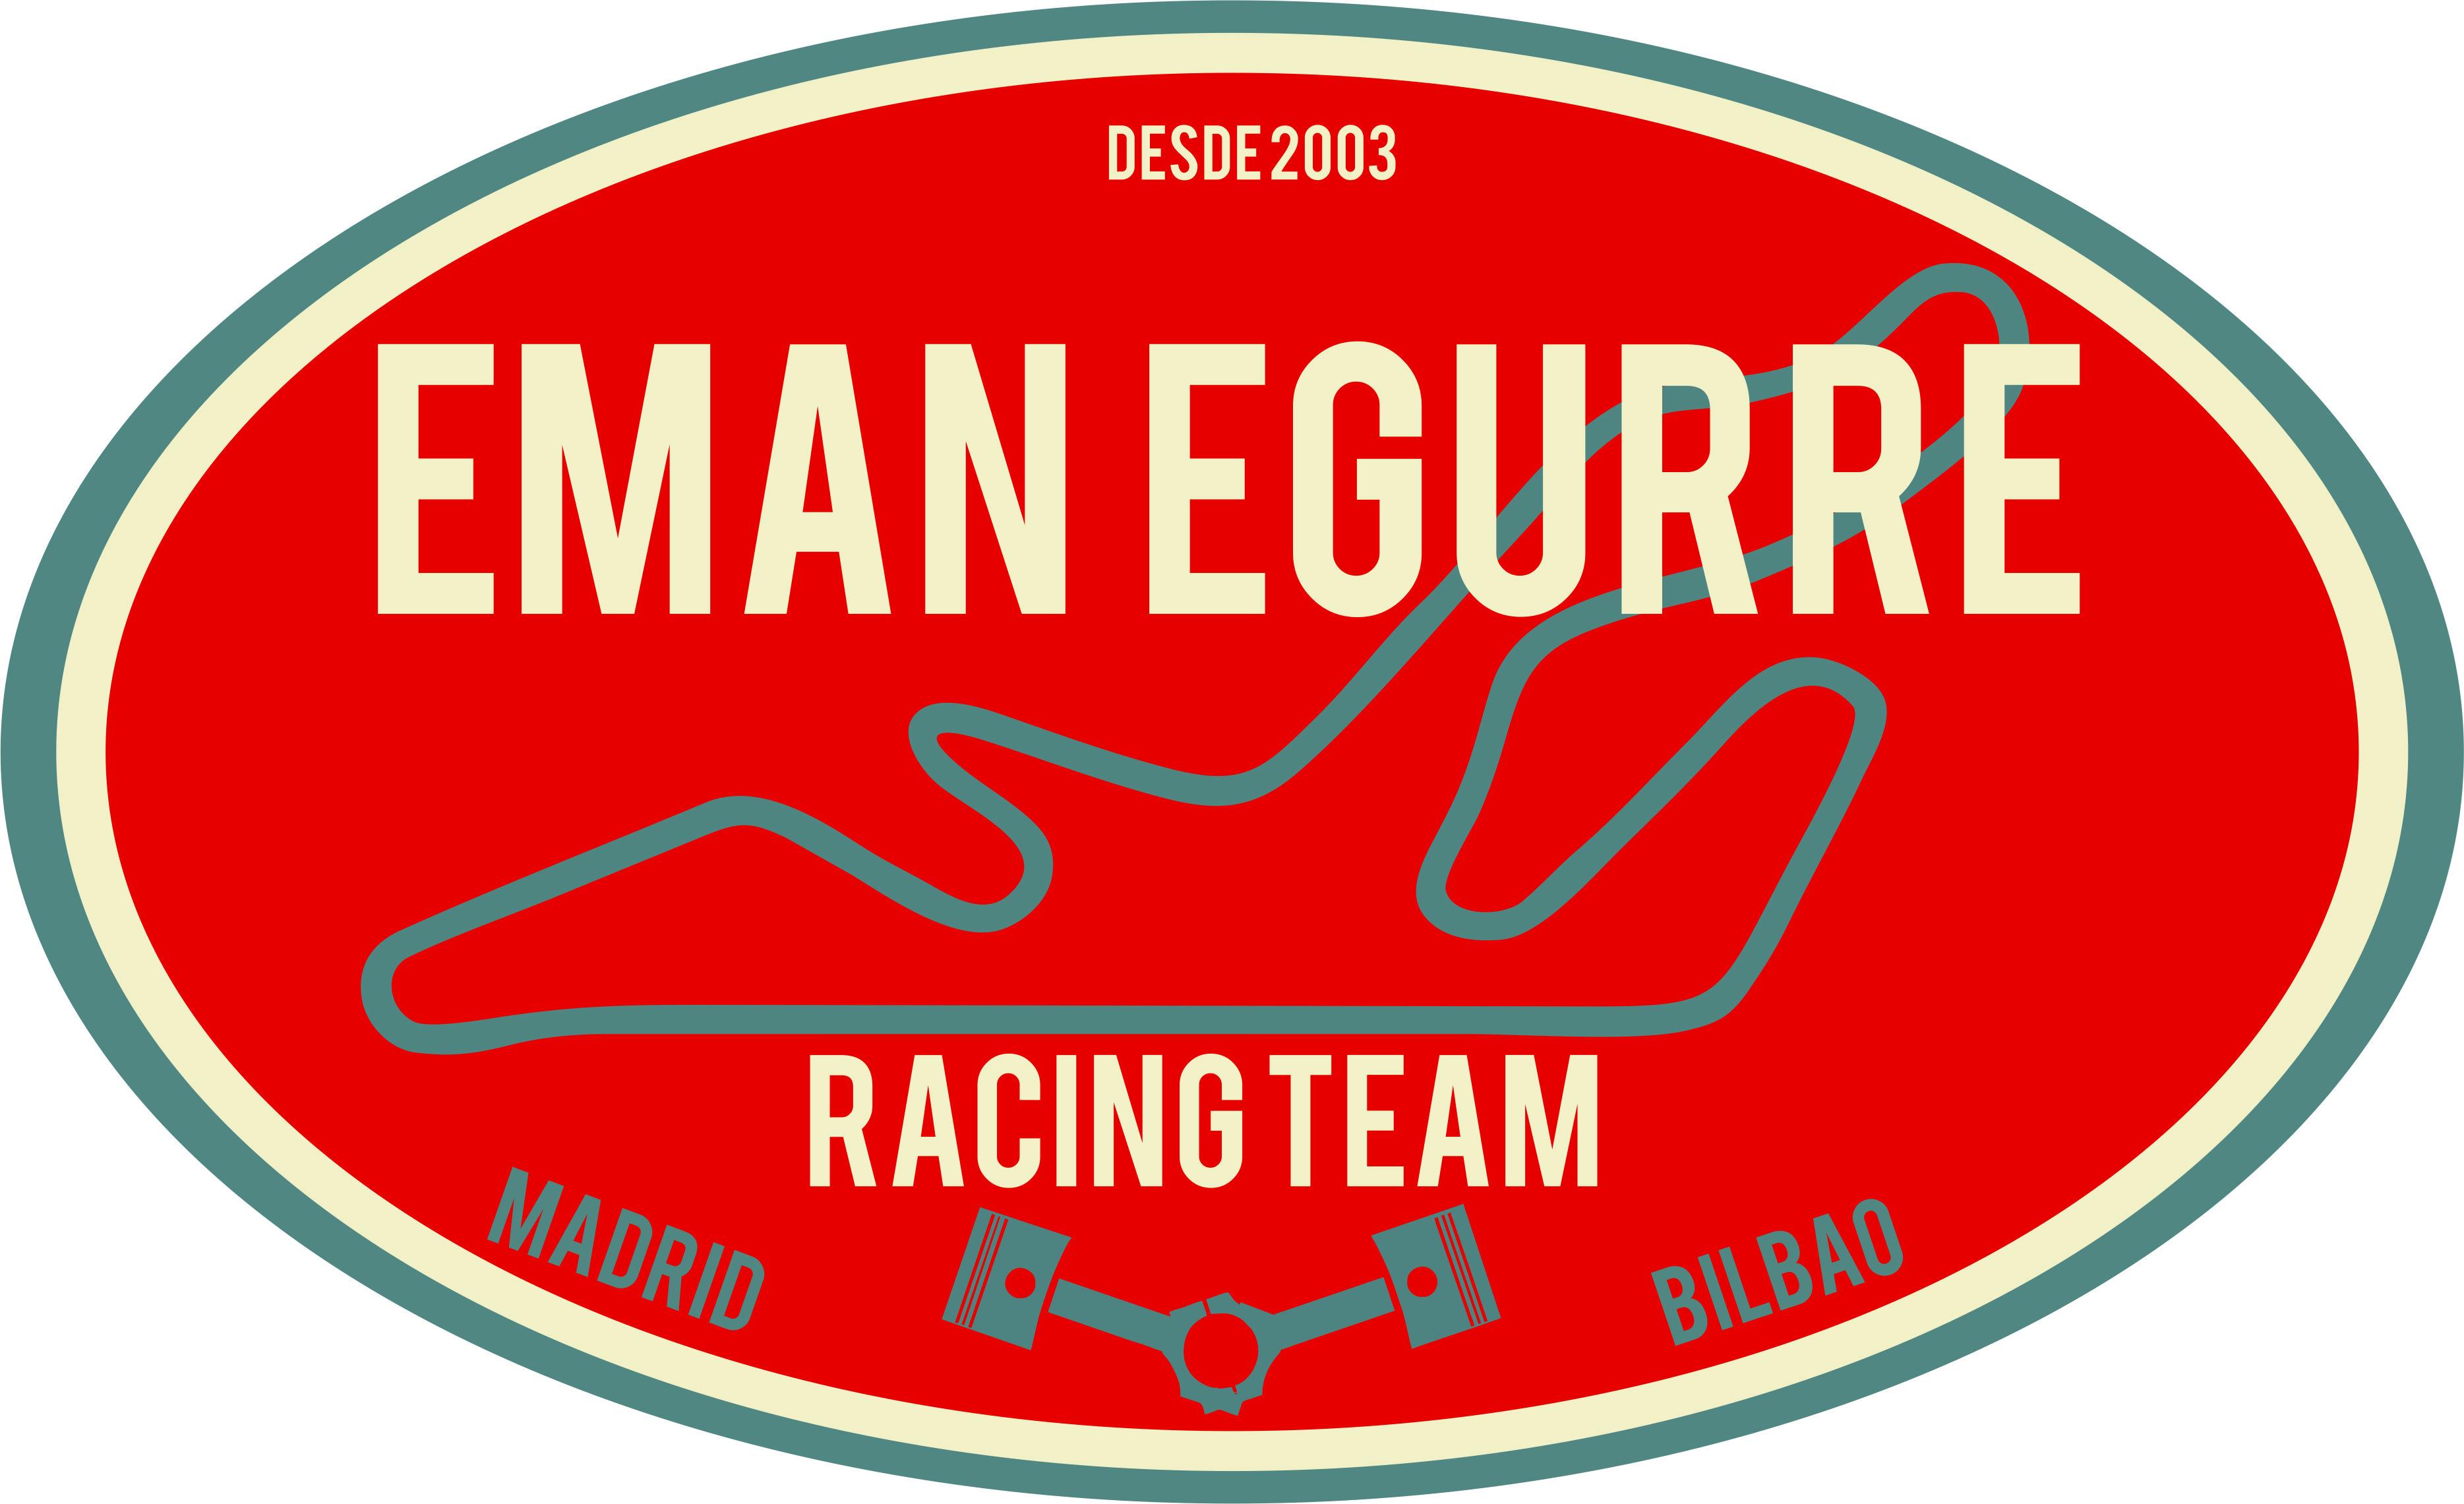 Eman Egurre Racing Team